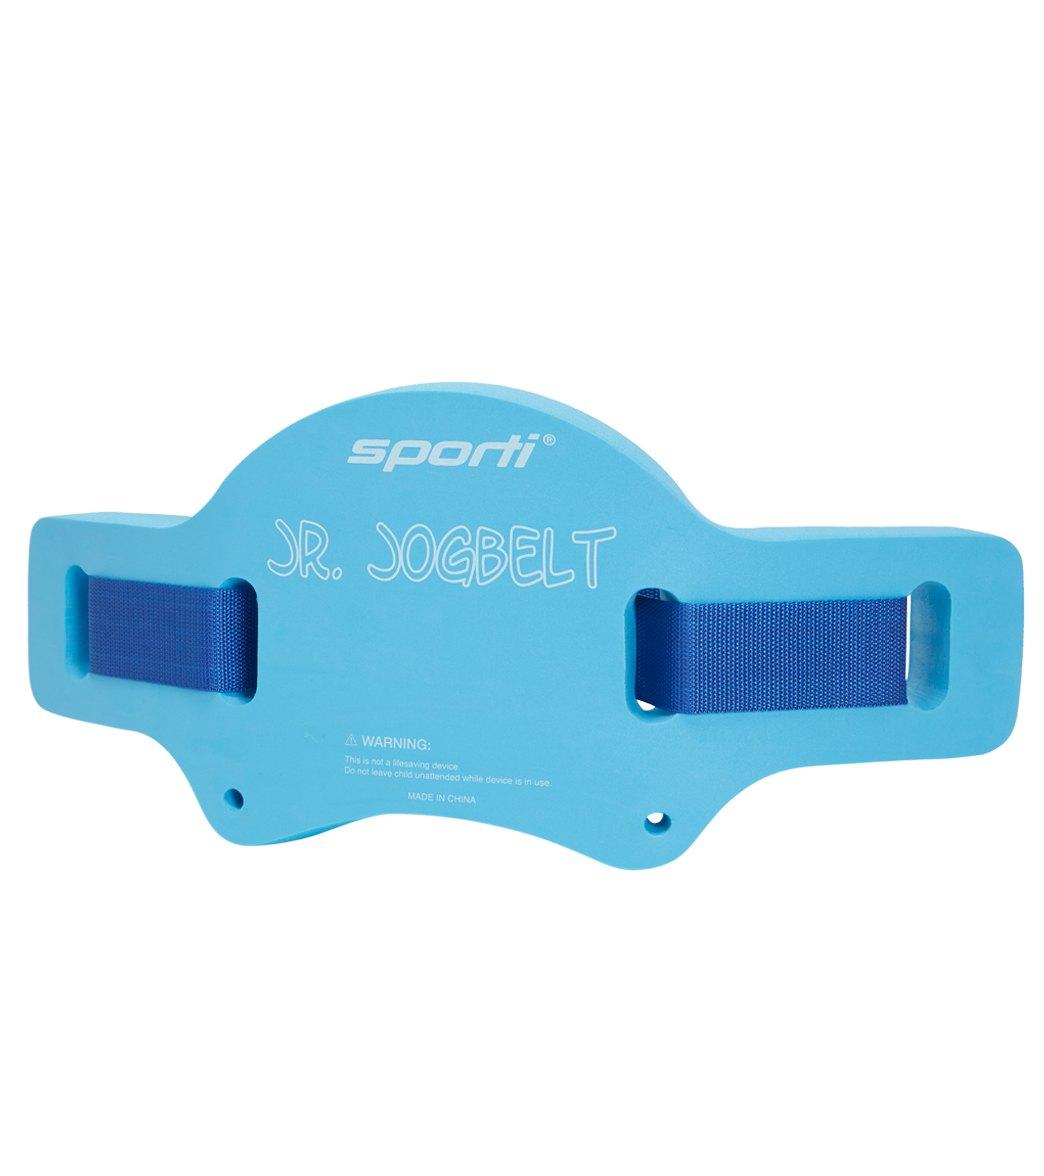 Sporti fitness junior swim float jog belt at for Flotation belt swimming pool exercise equipment